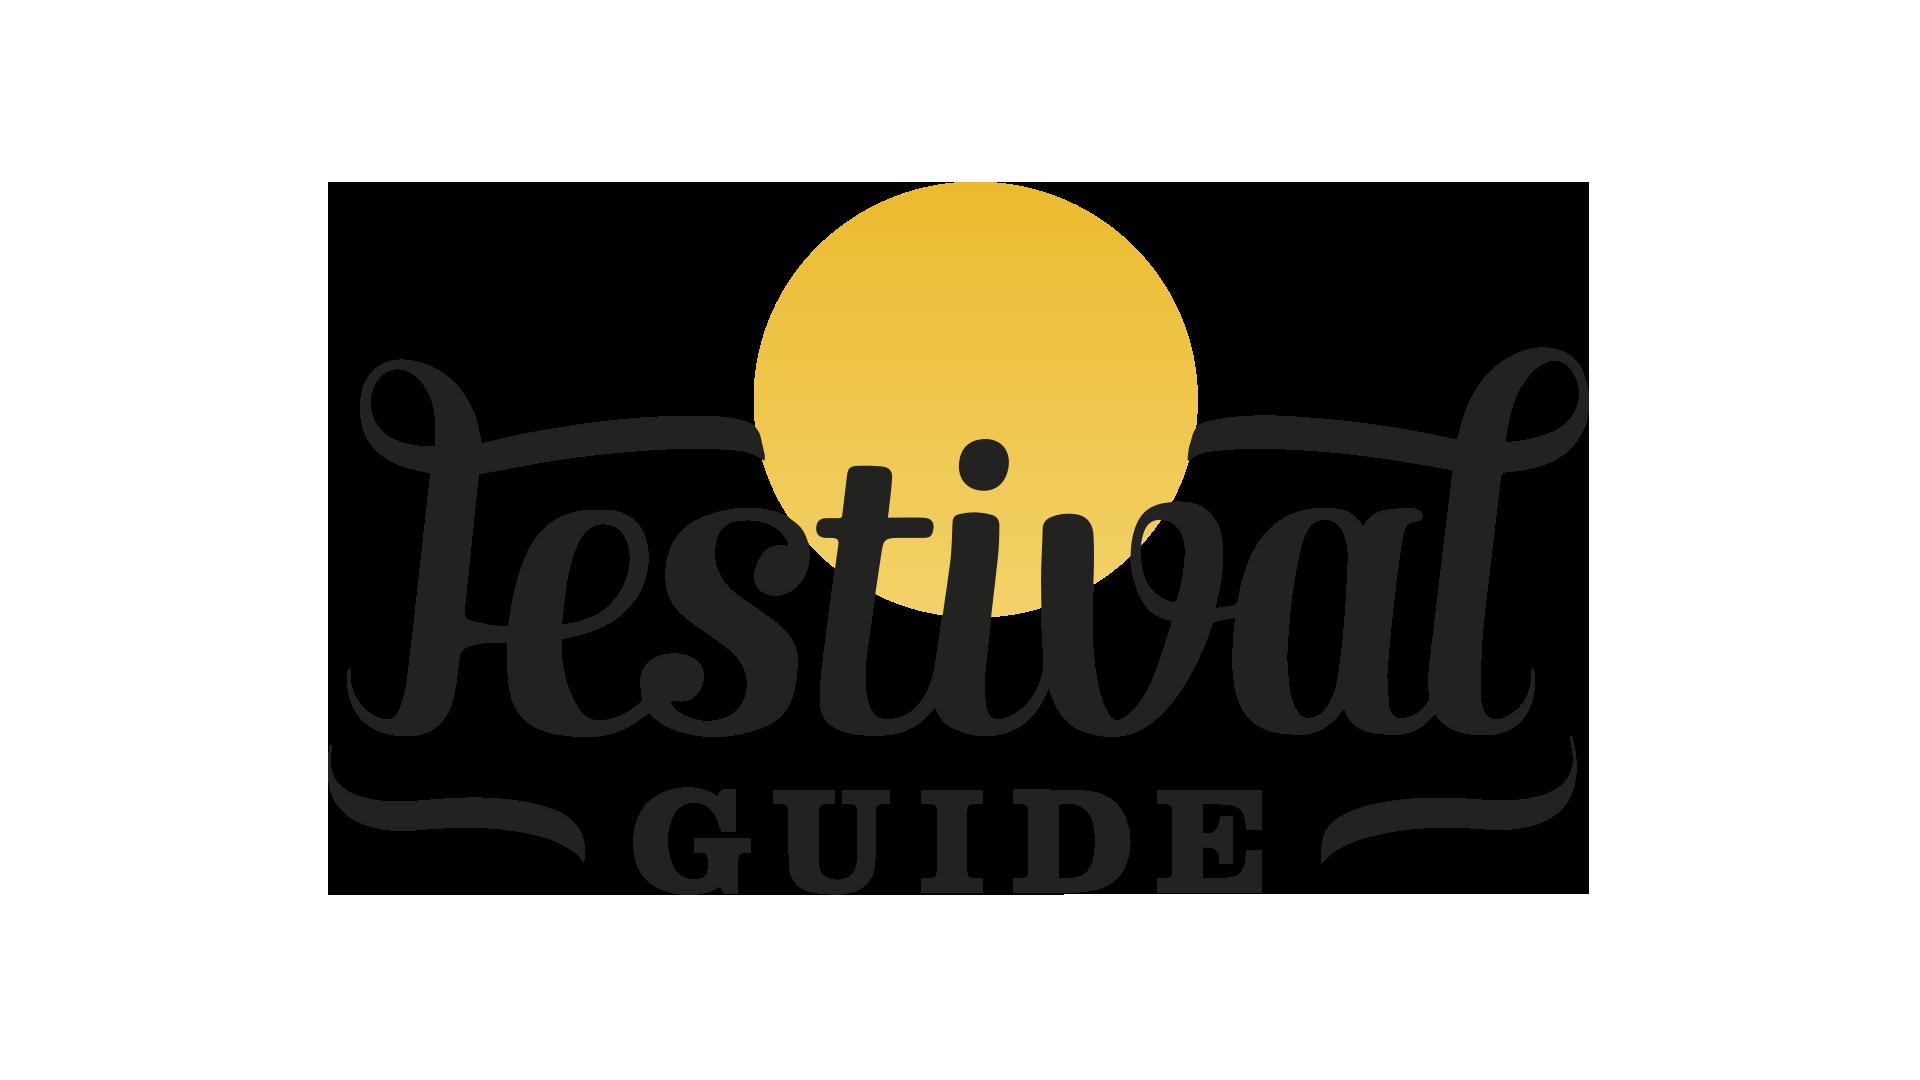 festival-guide